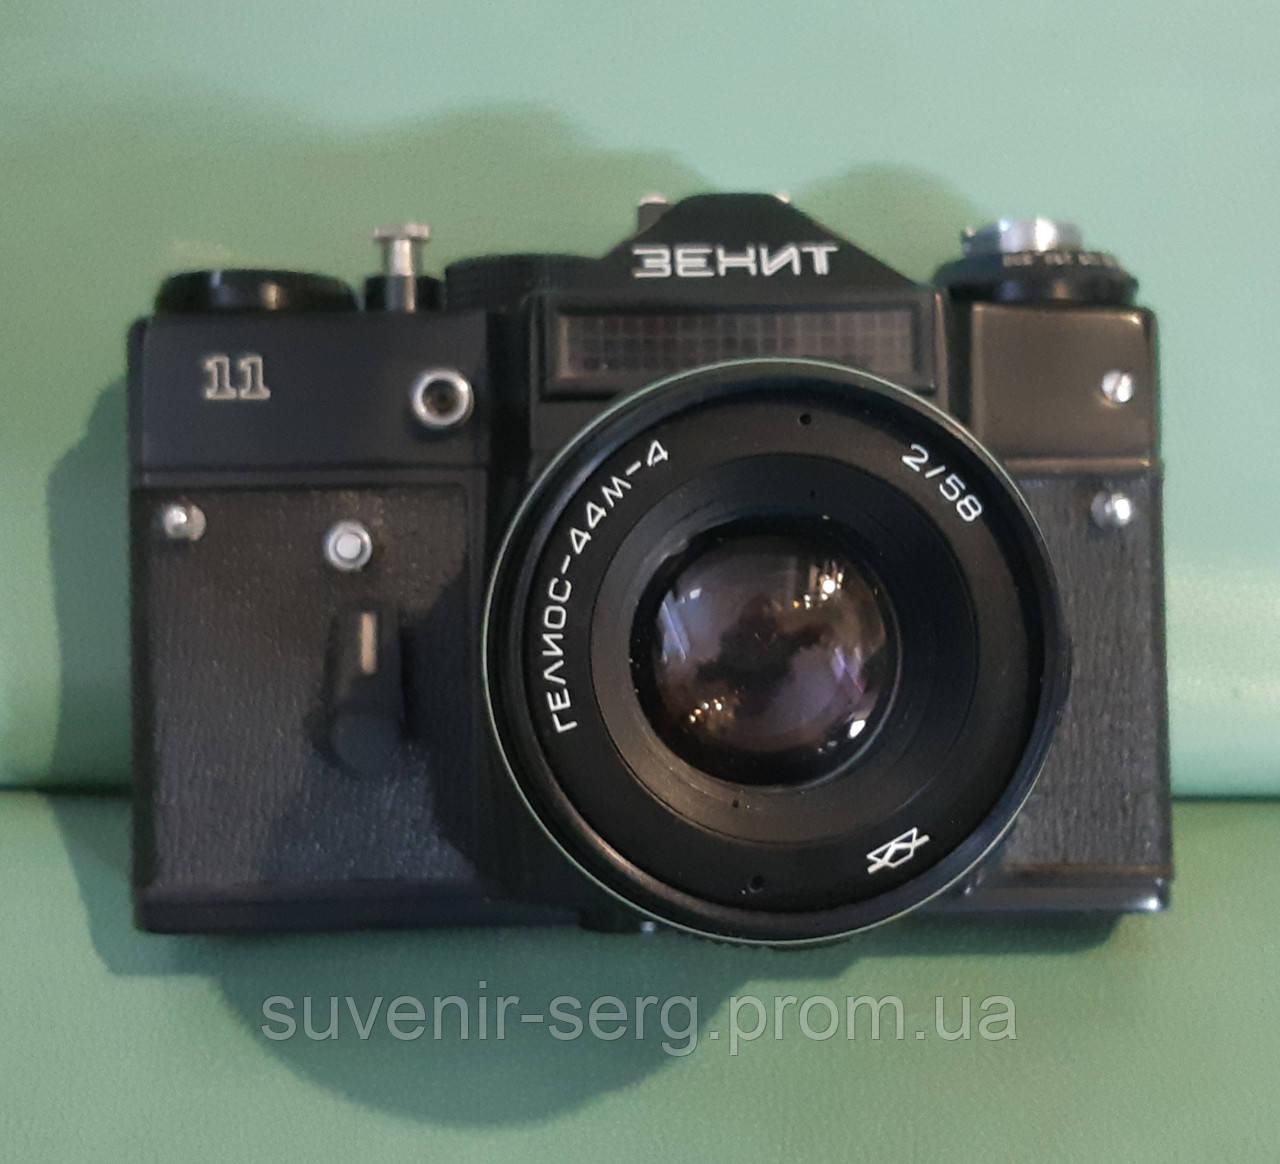 Fotoapparat Zenit 11 Obektiv Gelios 44m 4 V Kategorii Semnye Obektivy Na Bigl Ua 1254018545